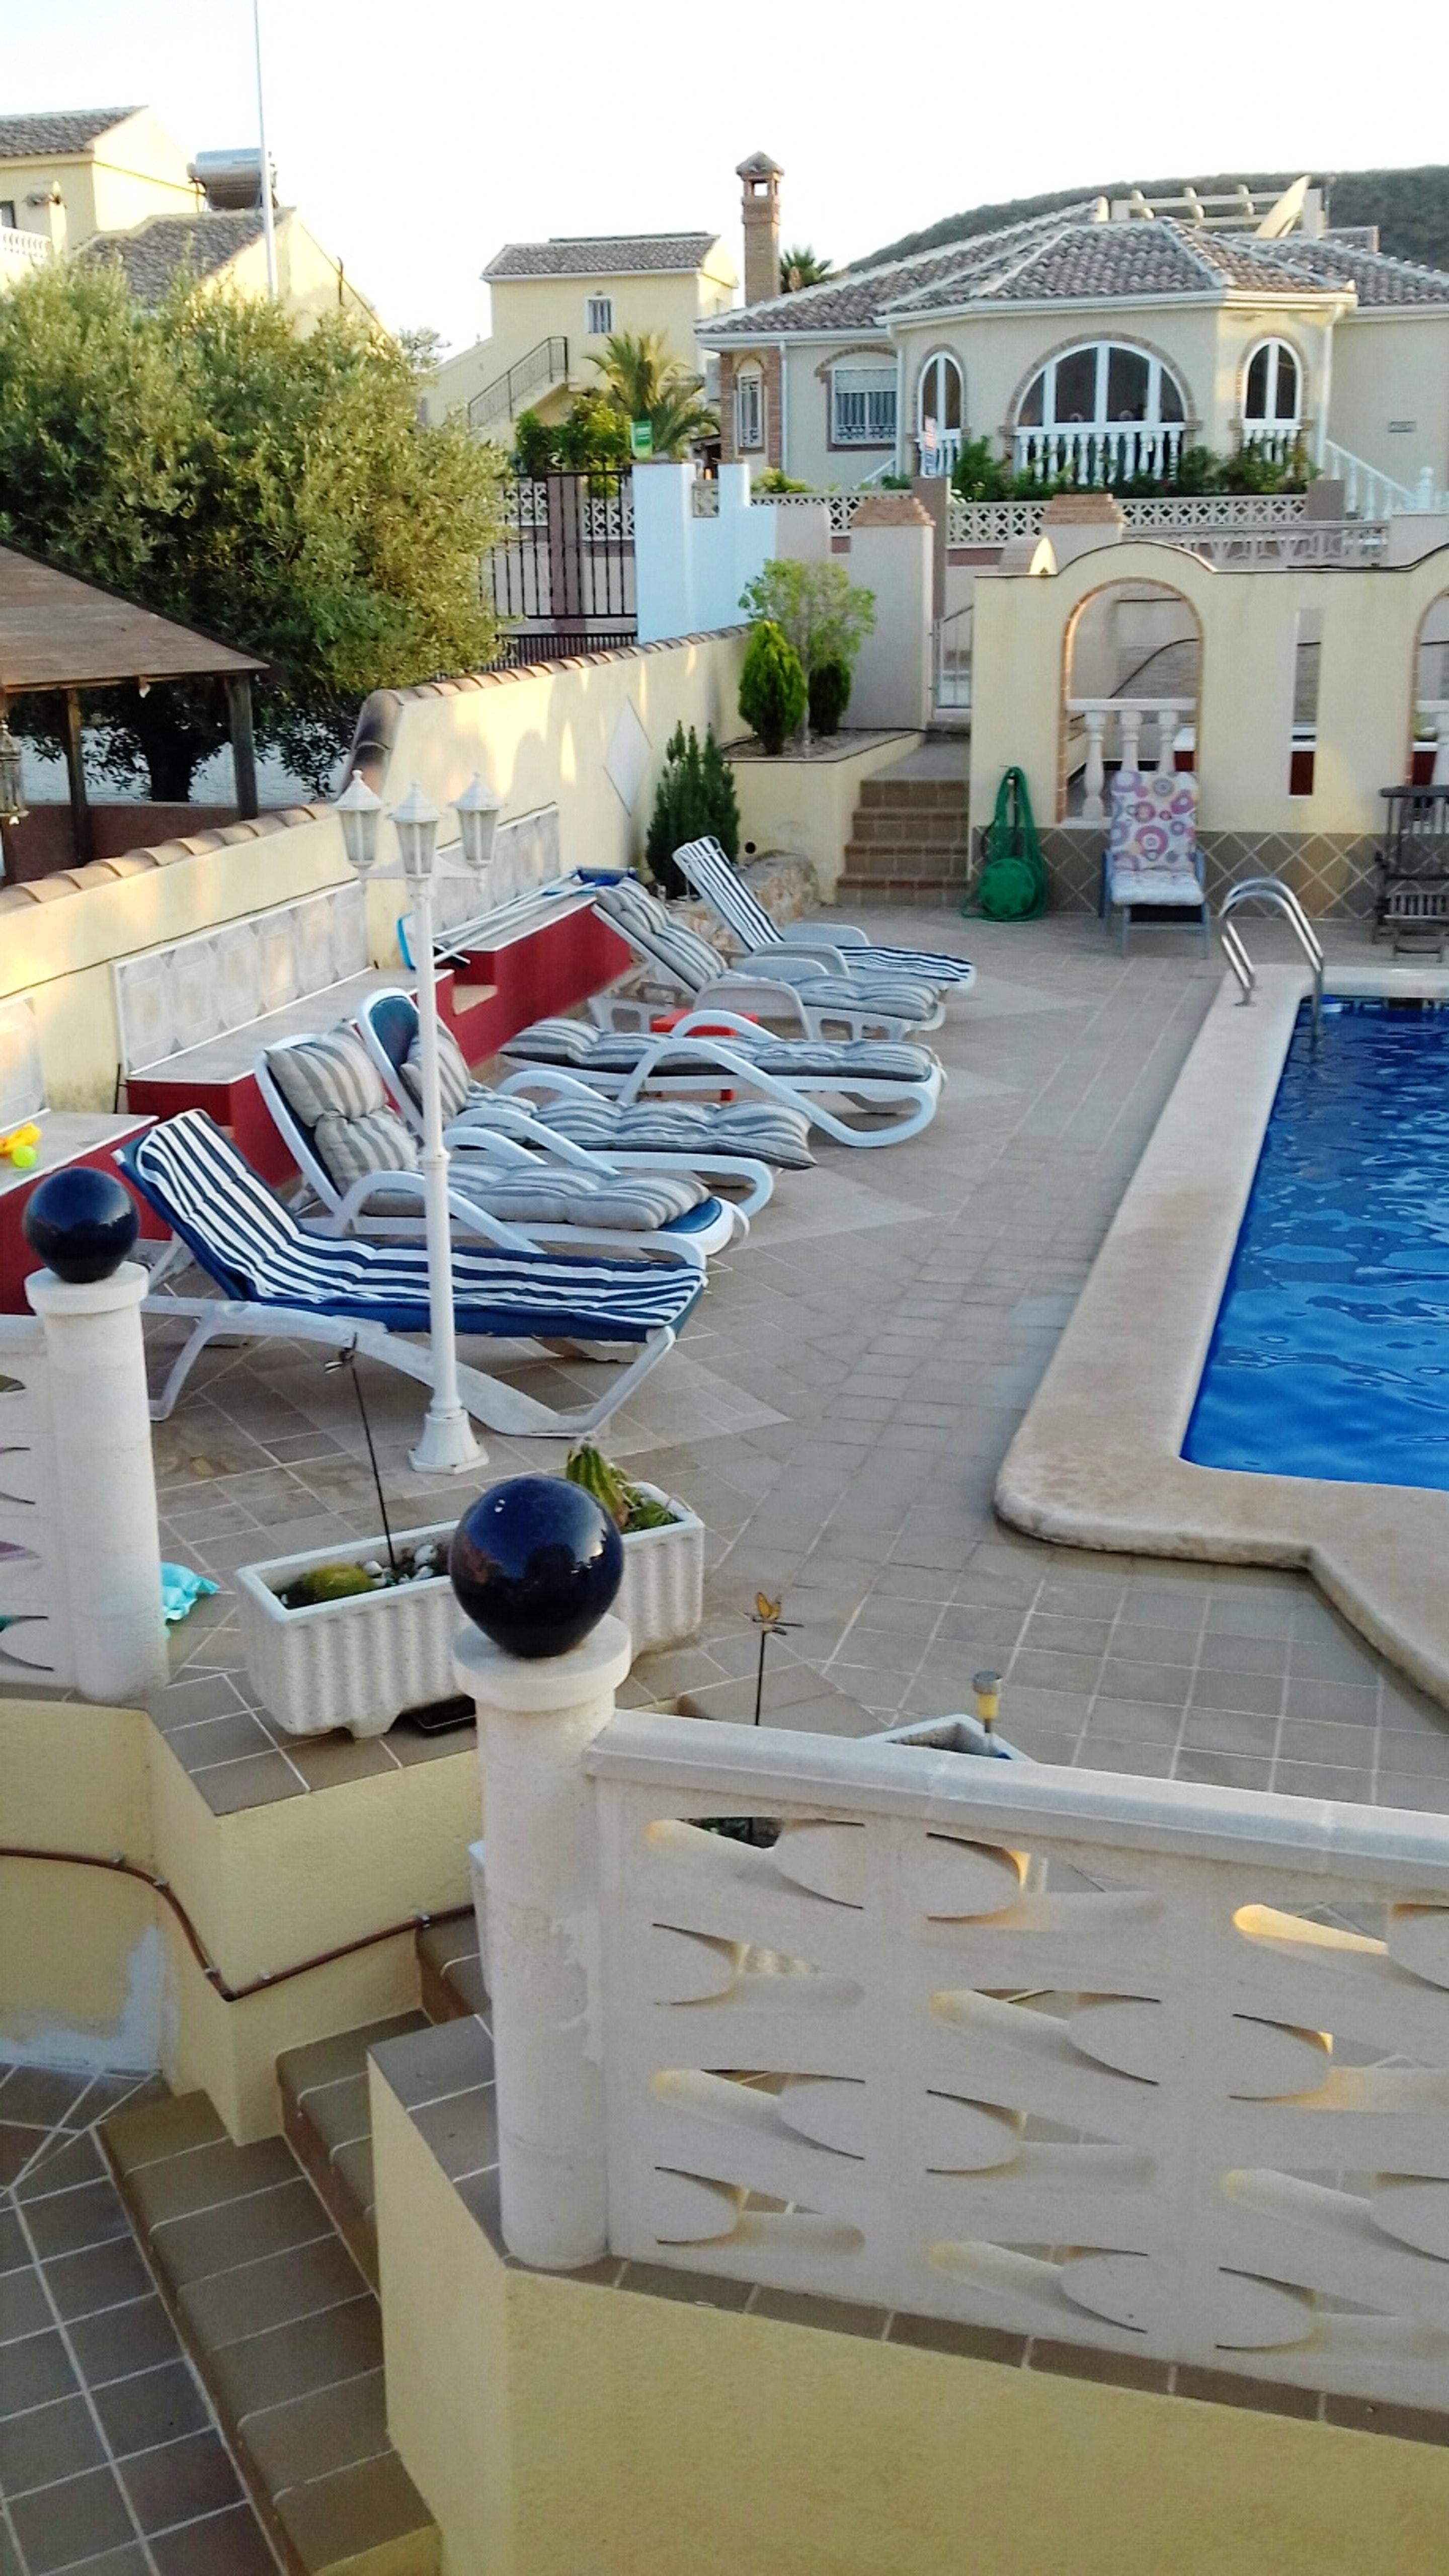 Appartement de vacances Wohnung mit 2 Schlafzimmern in Mazarrón mit toller Aussicht auf die Berge, privatem Pool,  (2632538), Mazarron, Costa Calida, Murcie, Espagne, image 12